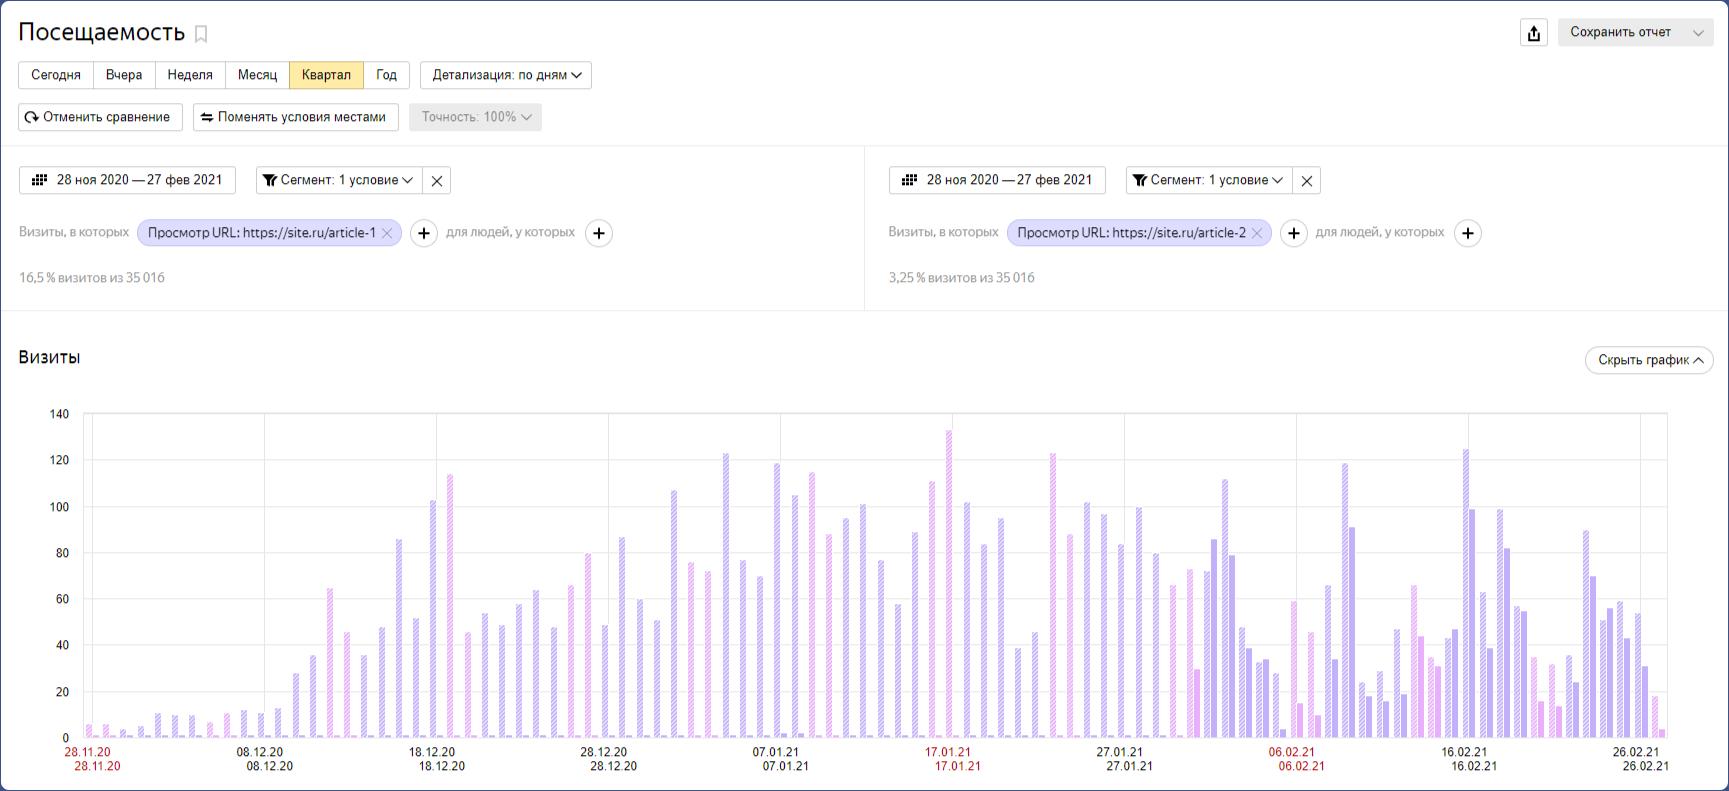 Удобный инструмент для сравнения посещаемости страниц за период времени